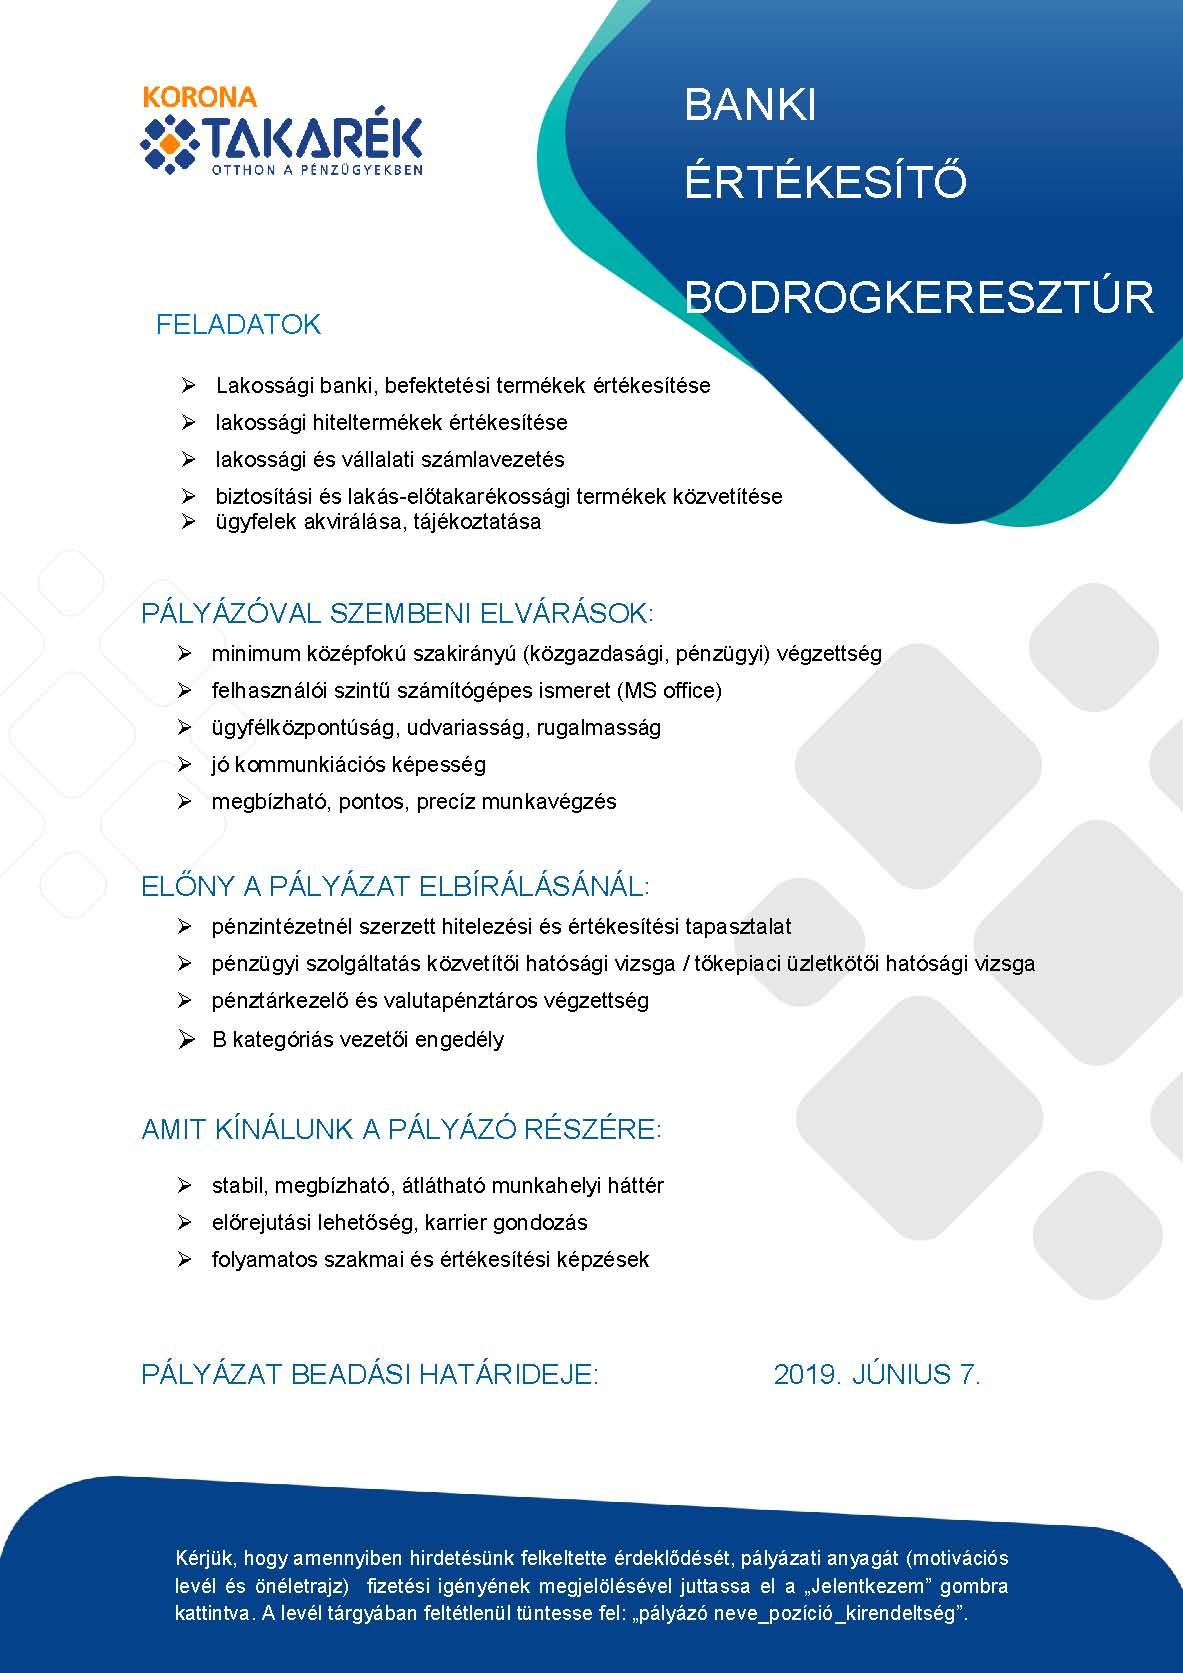 Banki értékesítő állás Bodrogkeresztúrba